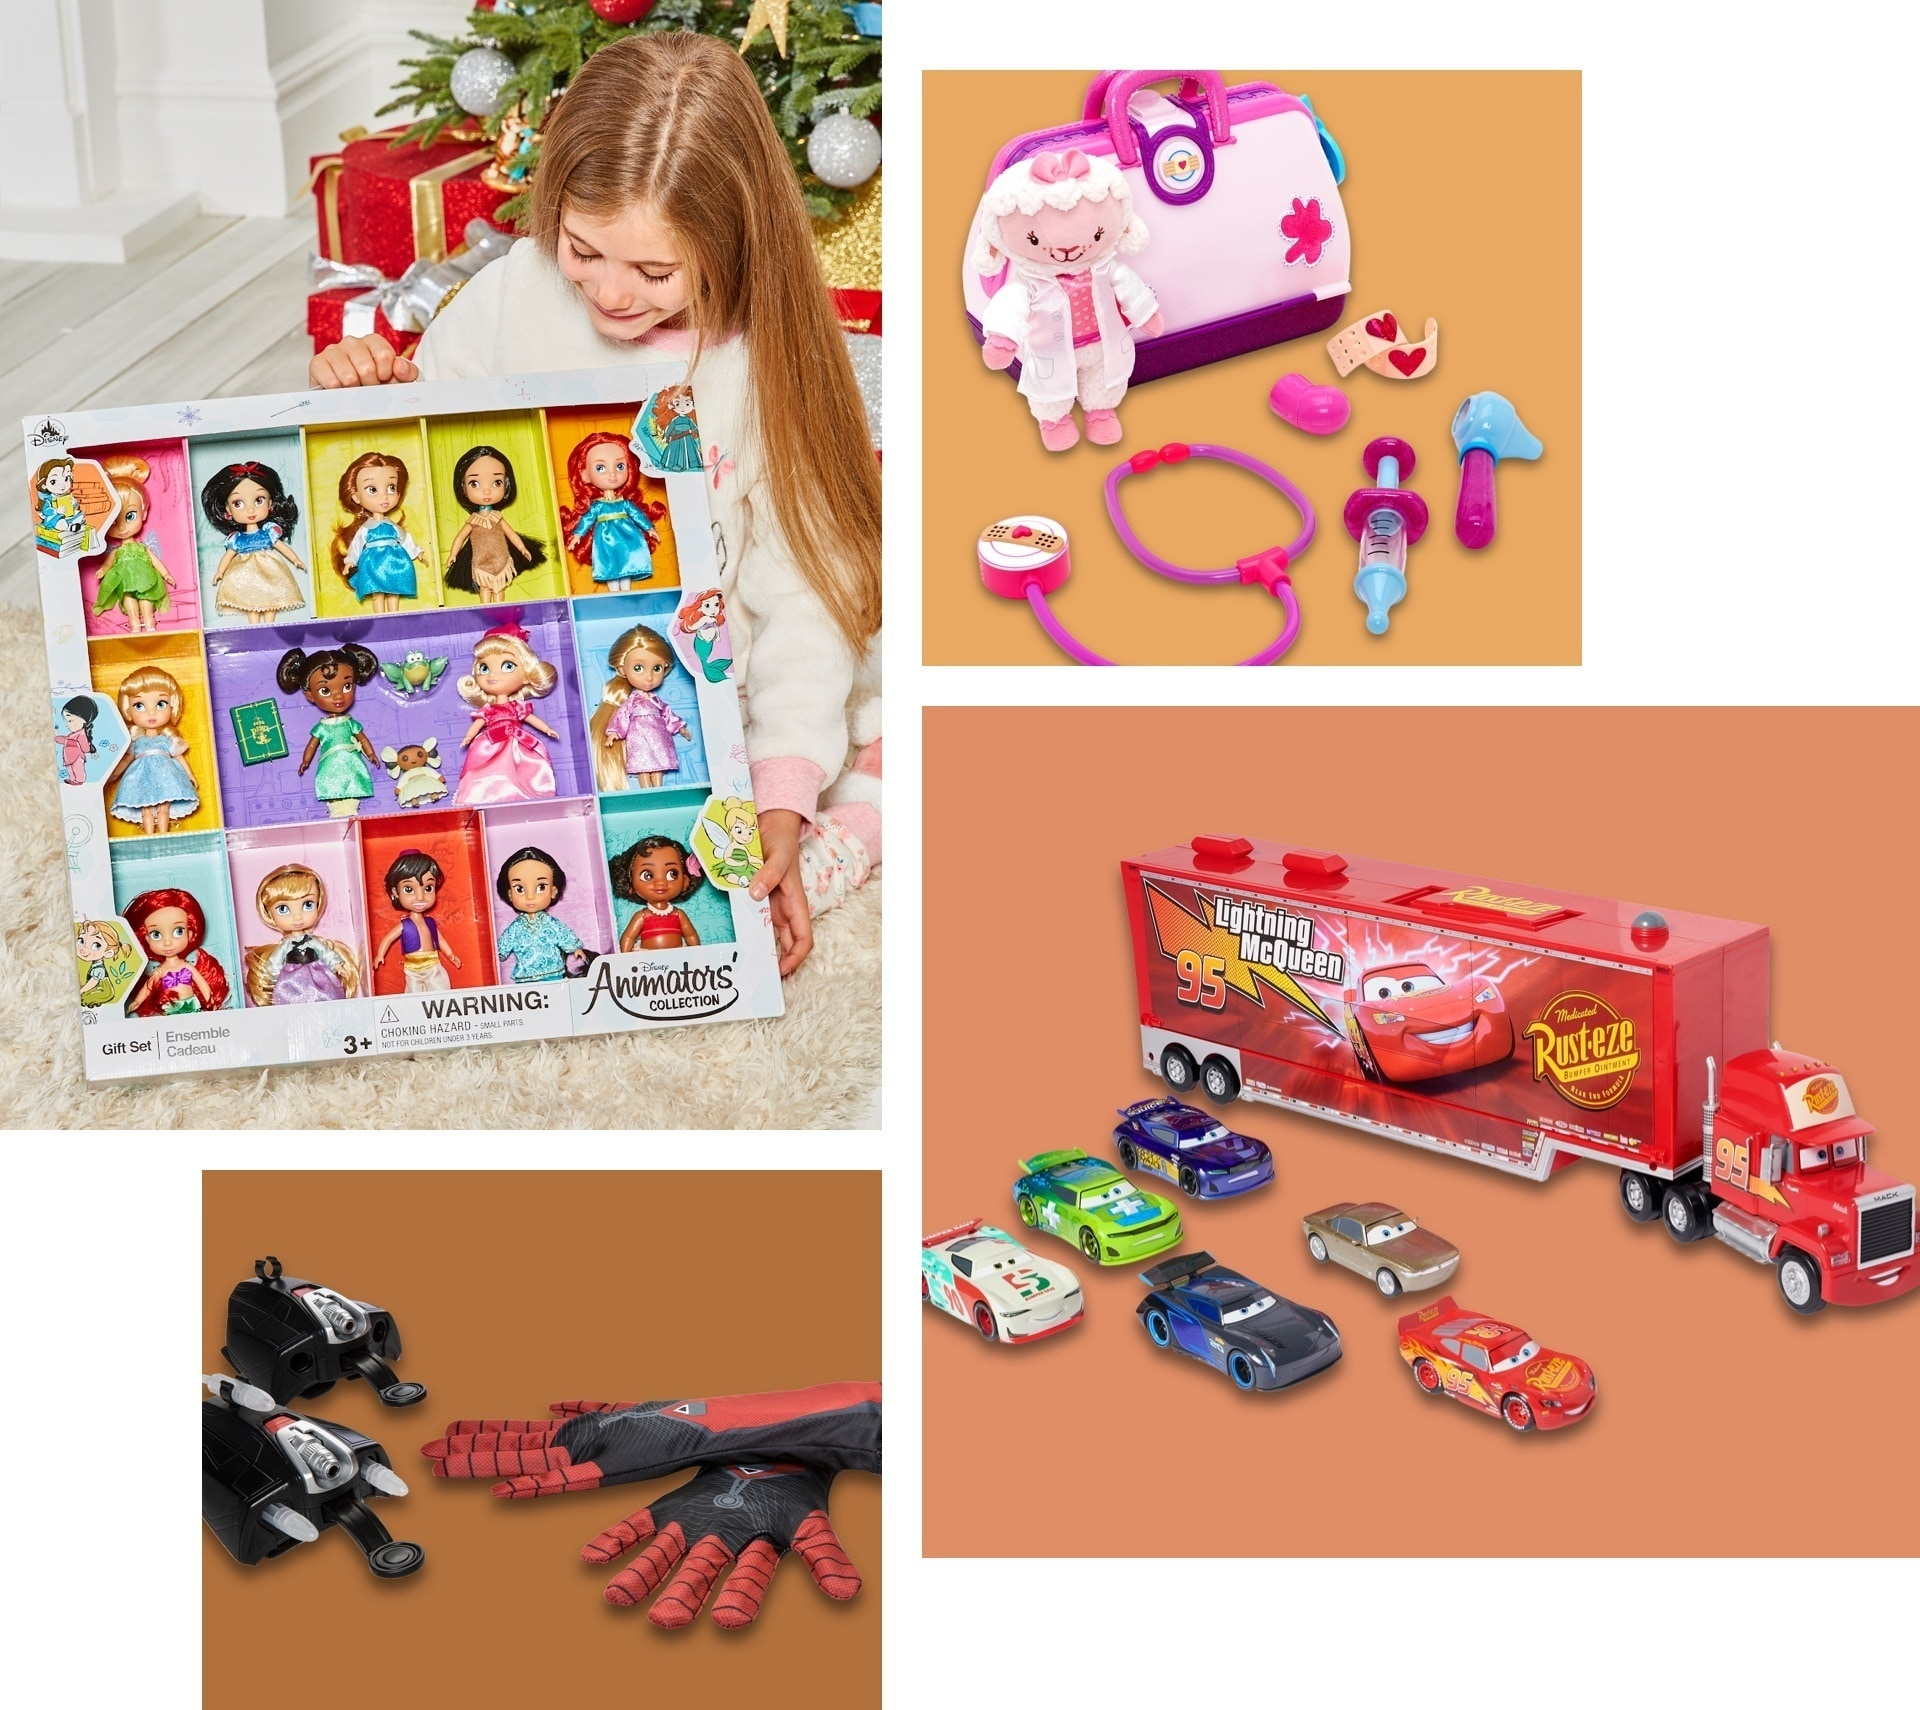 Uma seleção de brinquedos inspirados em Disney